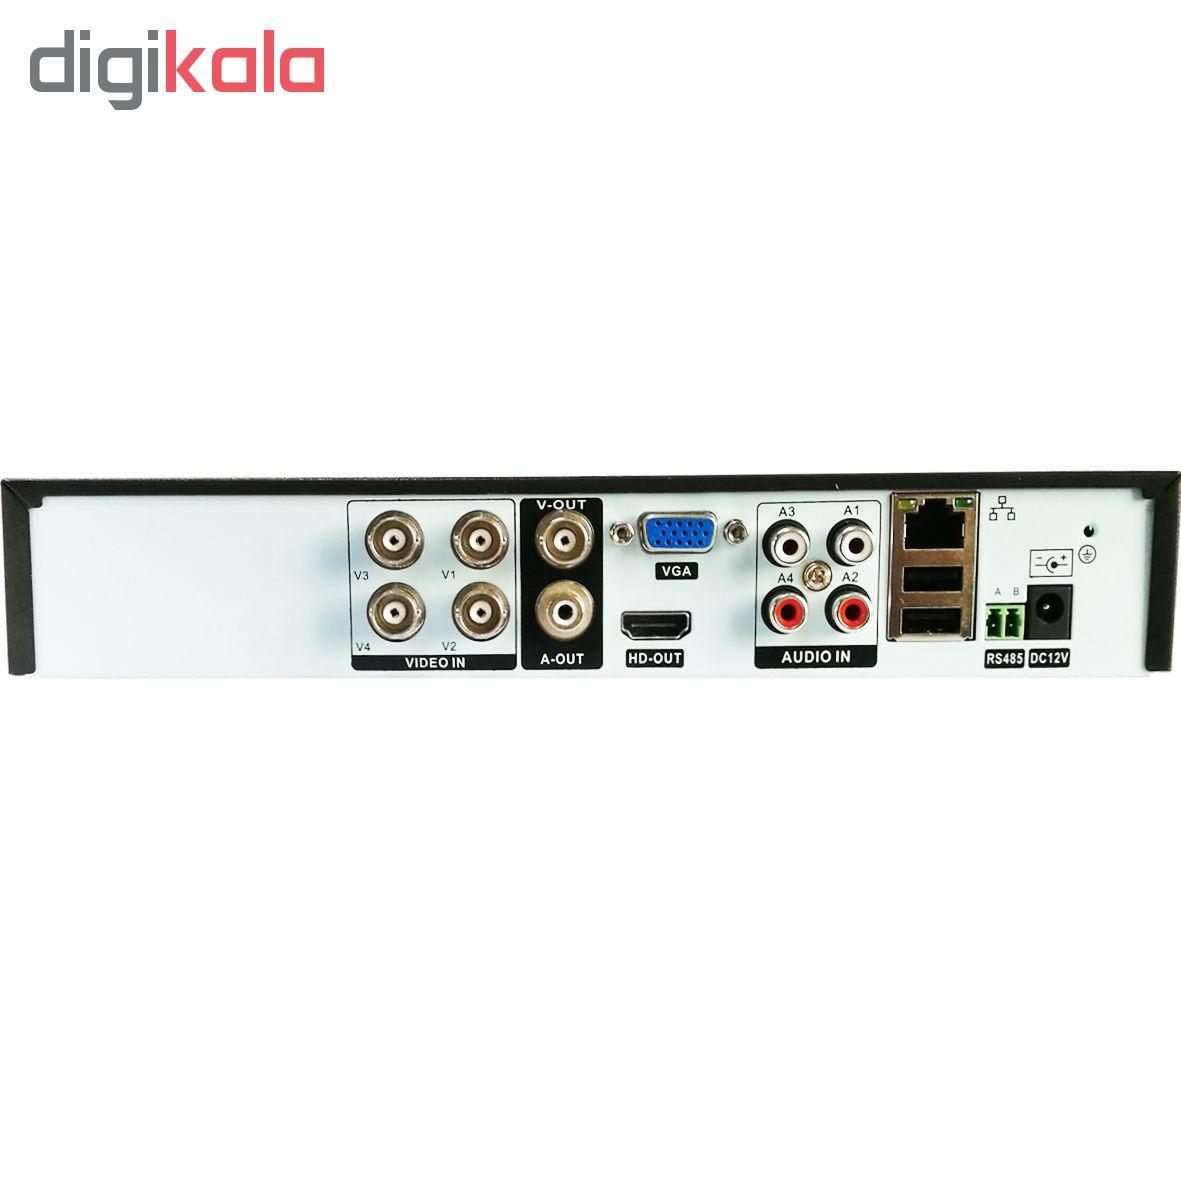 ضبط کننده ویدئویی مدل XVR4008